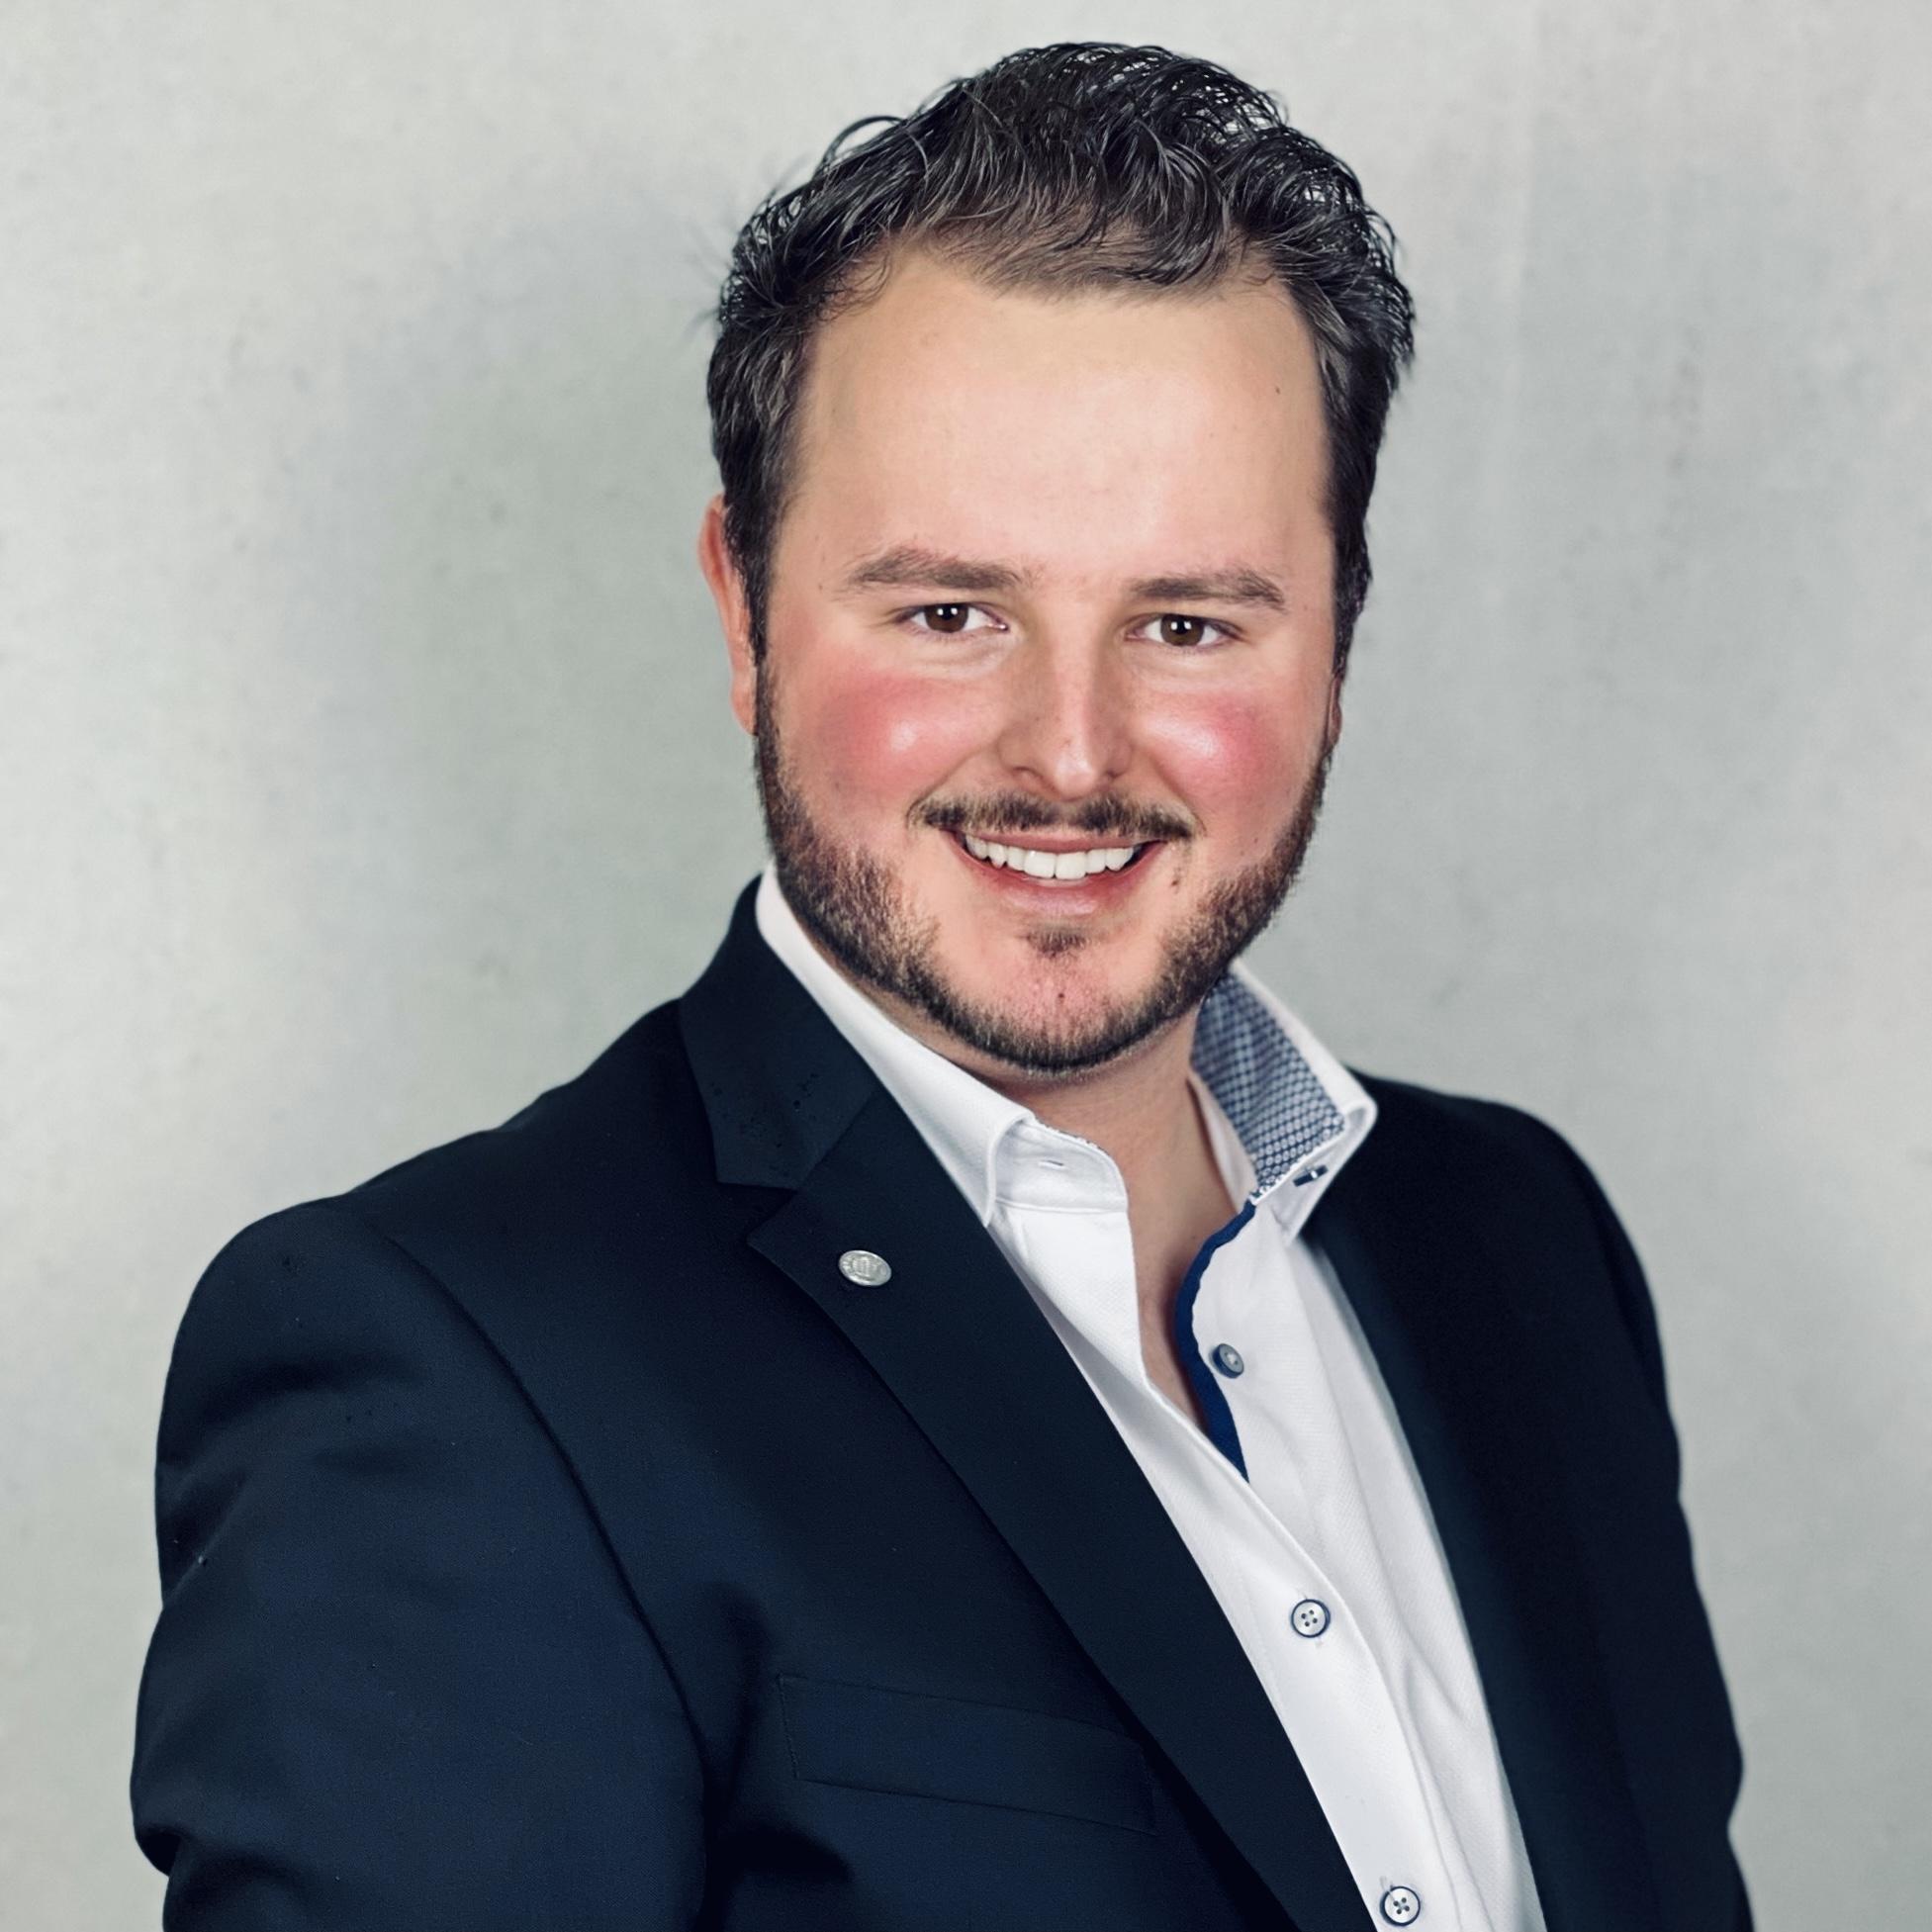 Tim Alexander O. Häussermann